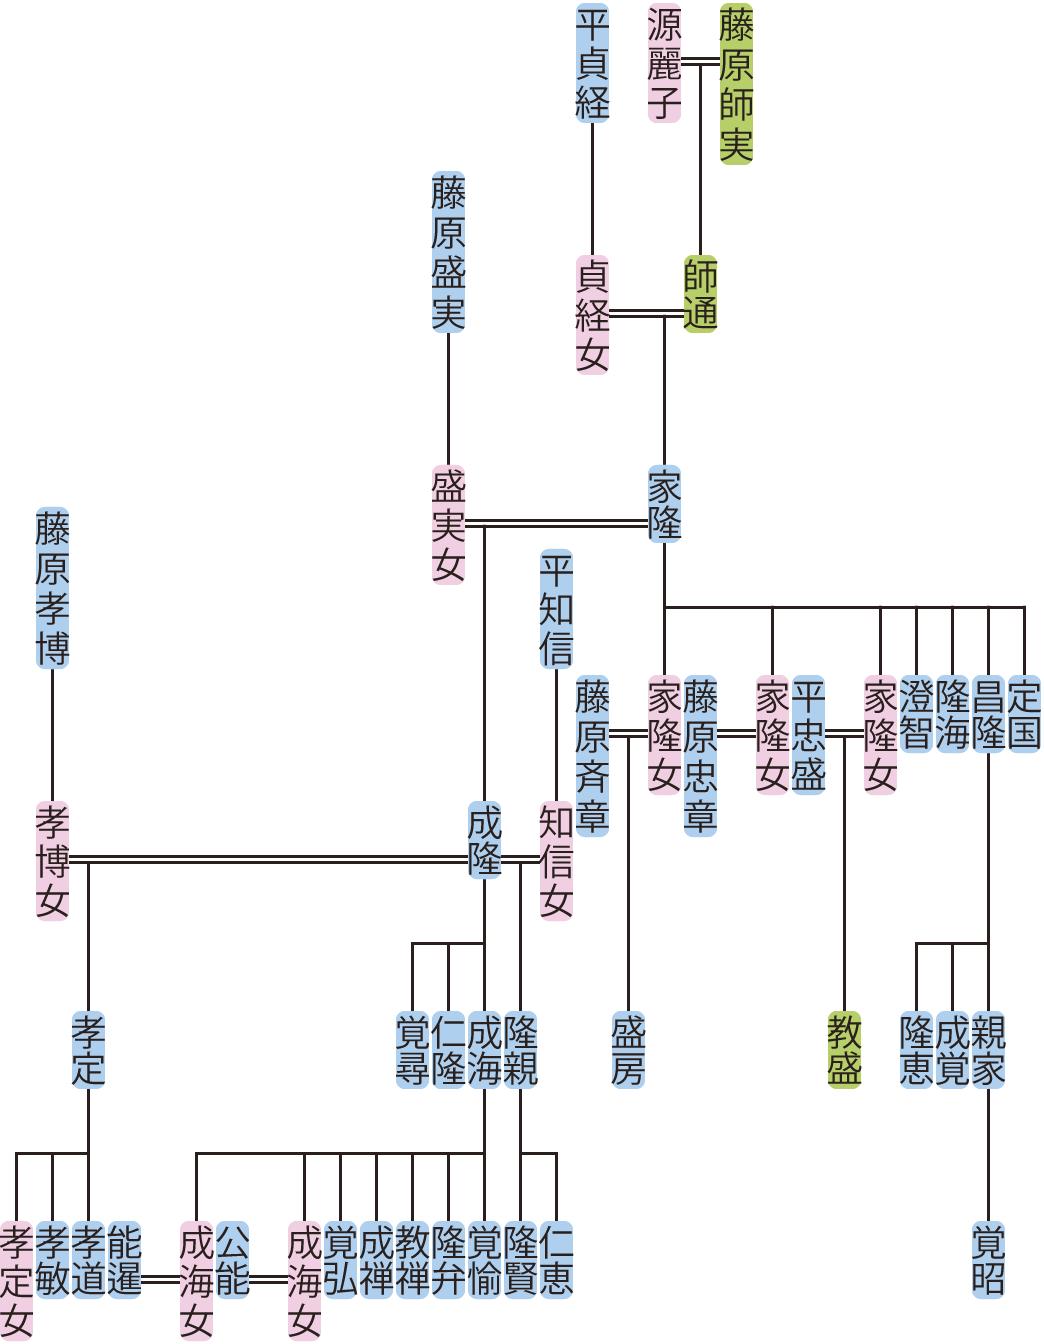 藤原家隆の系図